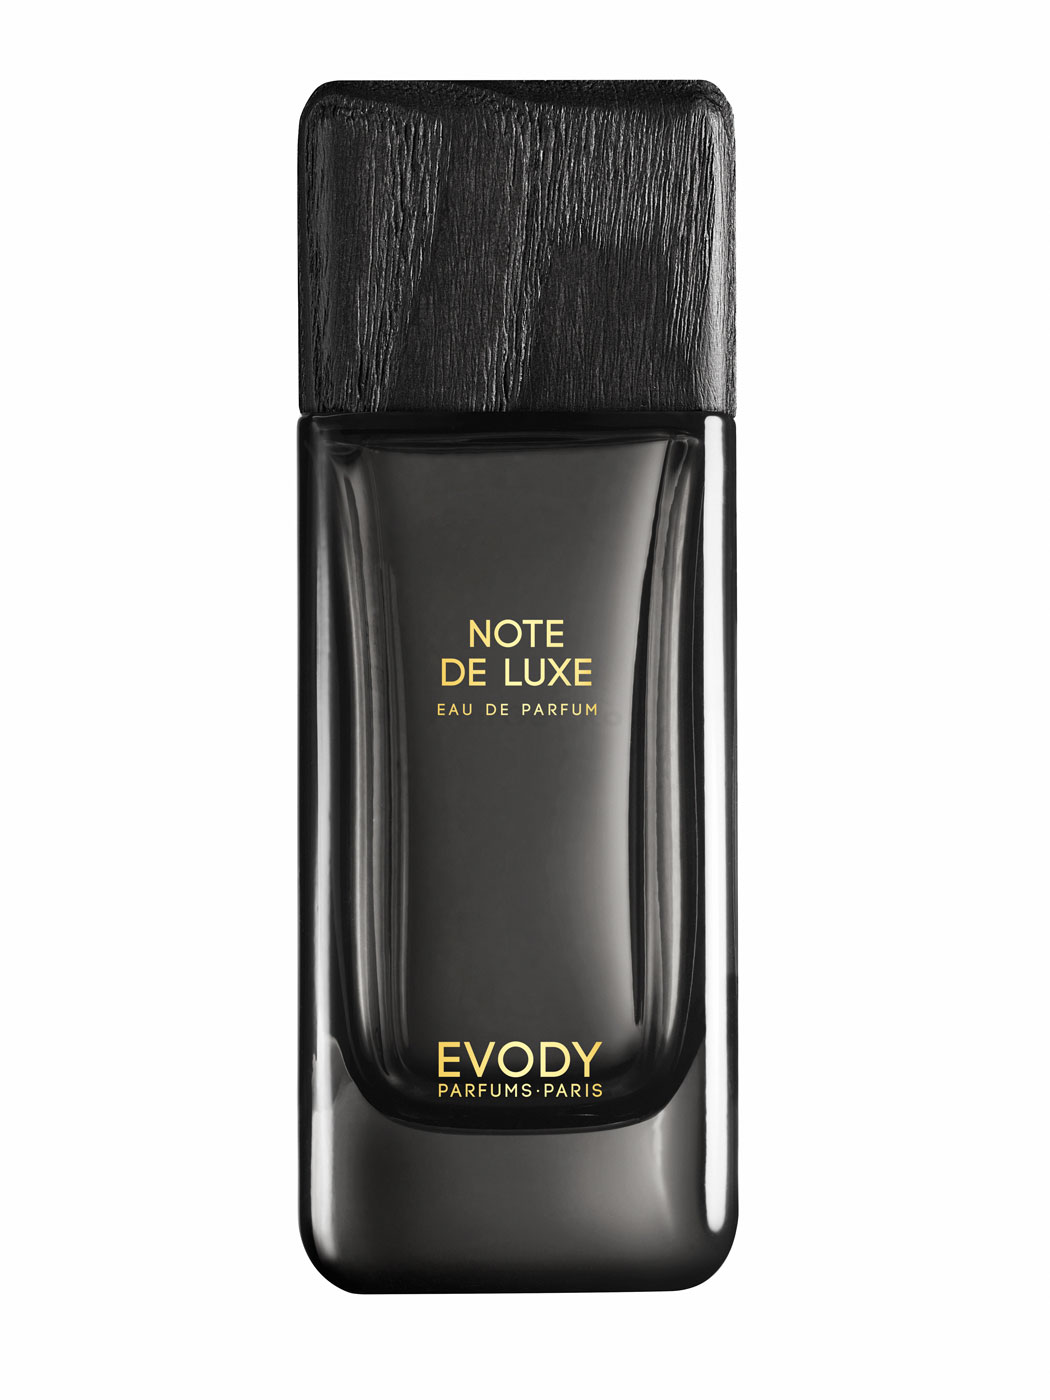 Evody - Collection Premiere - Note de Luxe Eau de Parfum 100ml